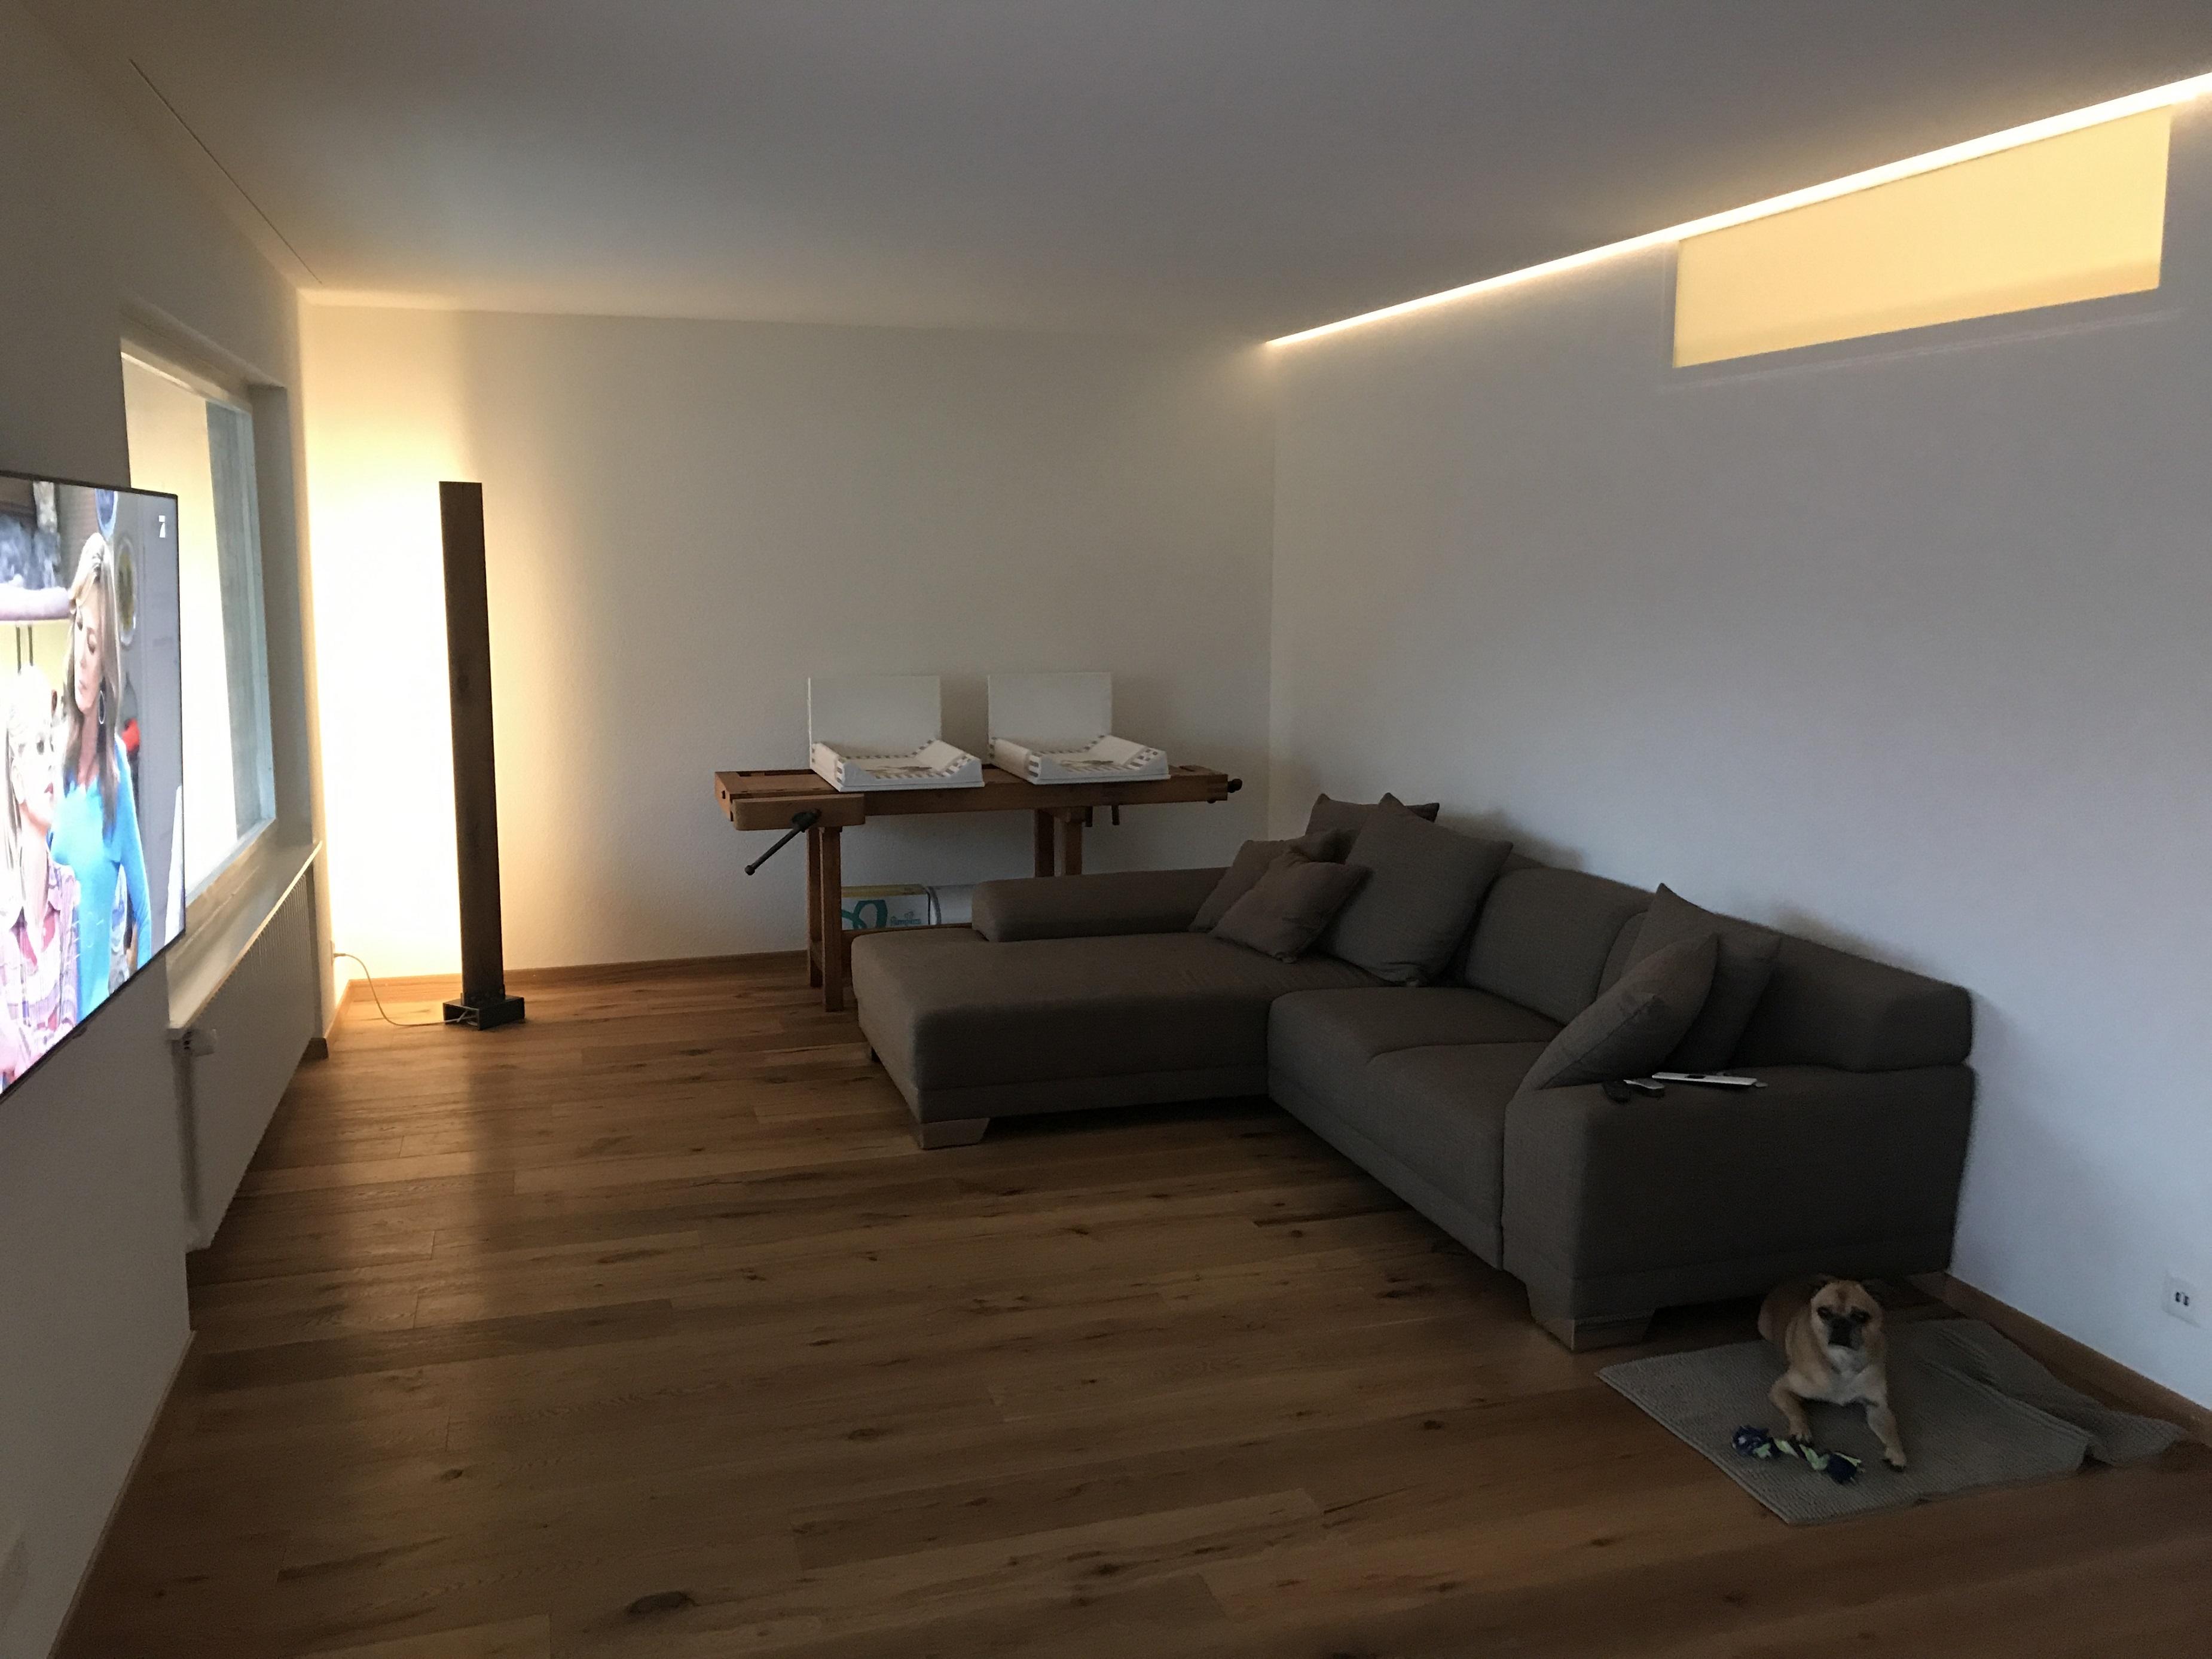 LED Beleuchtung Indirekt Wohnzimmer